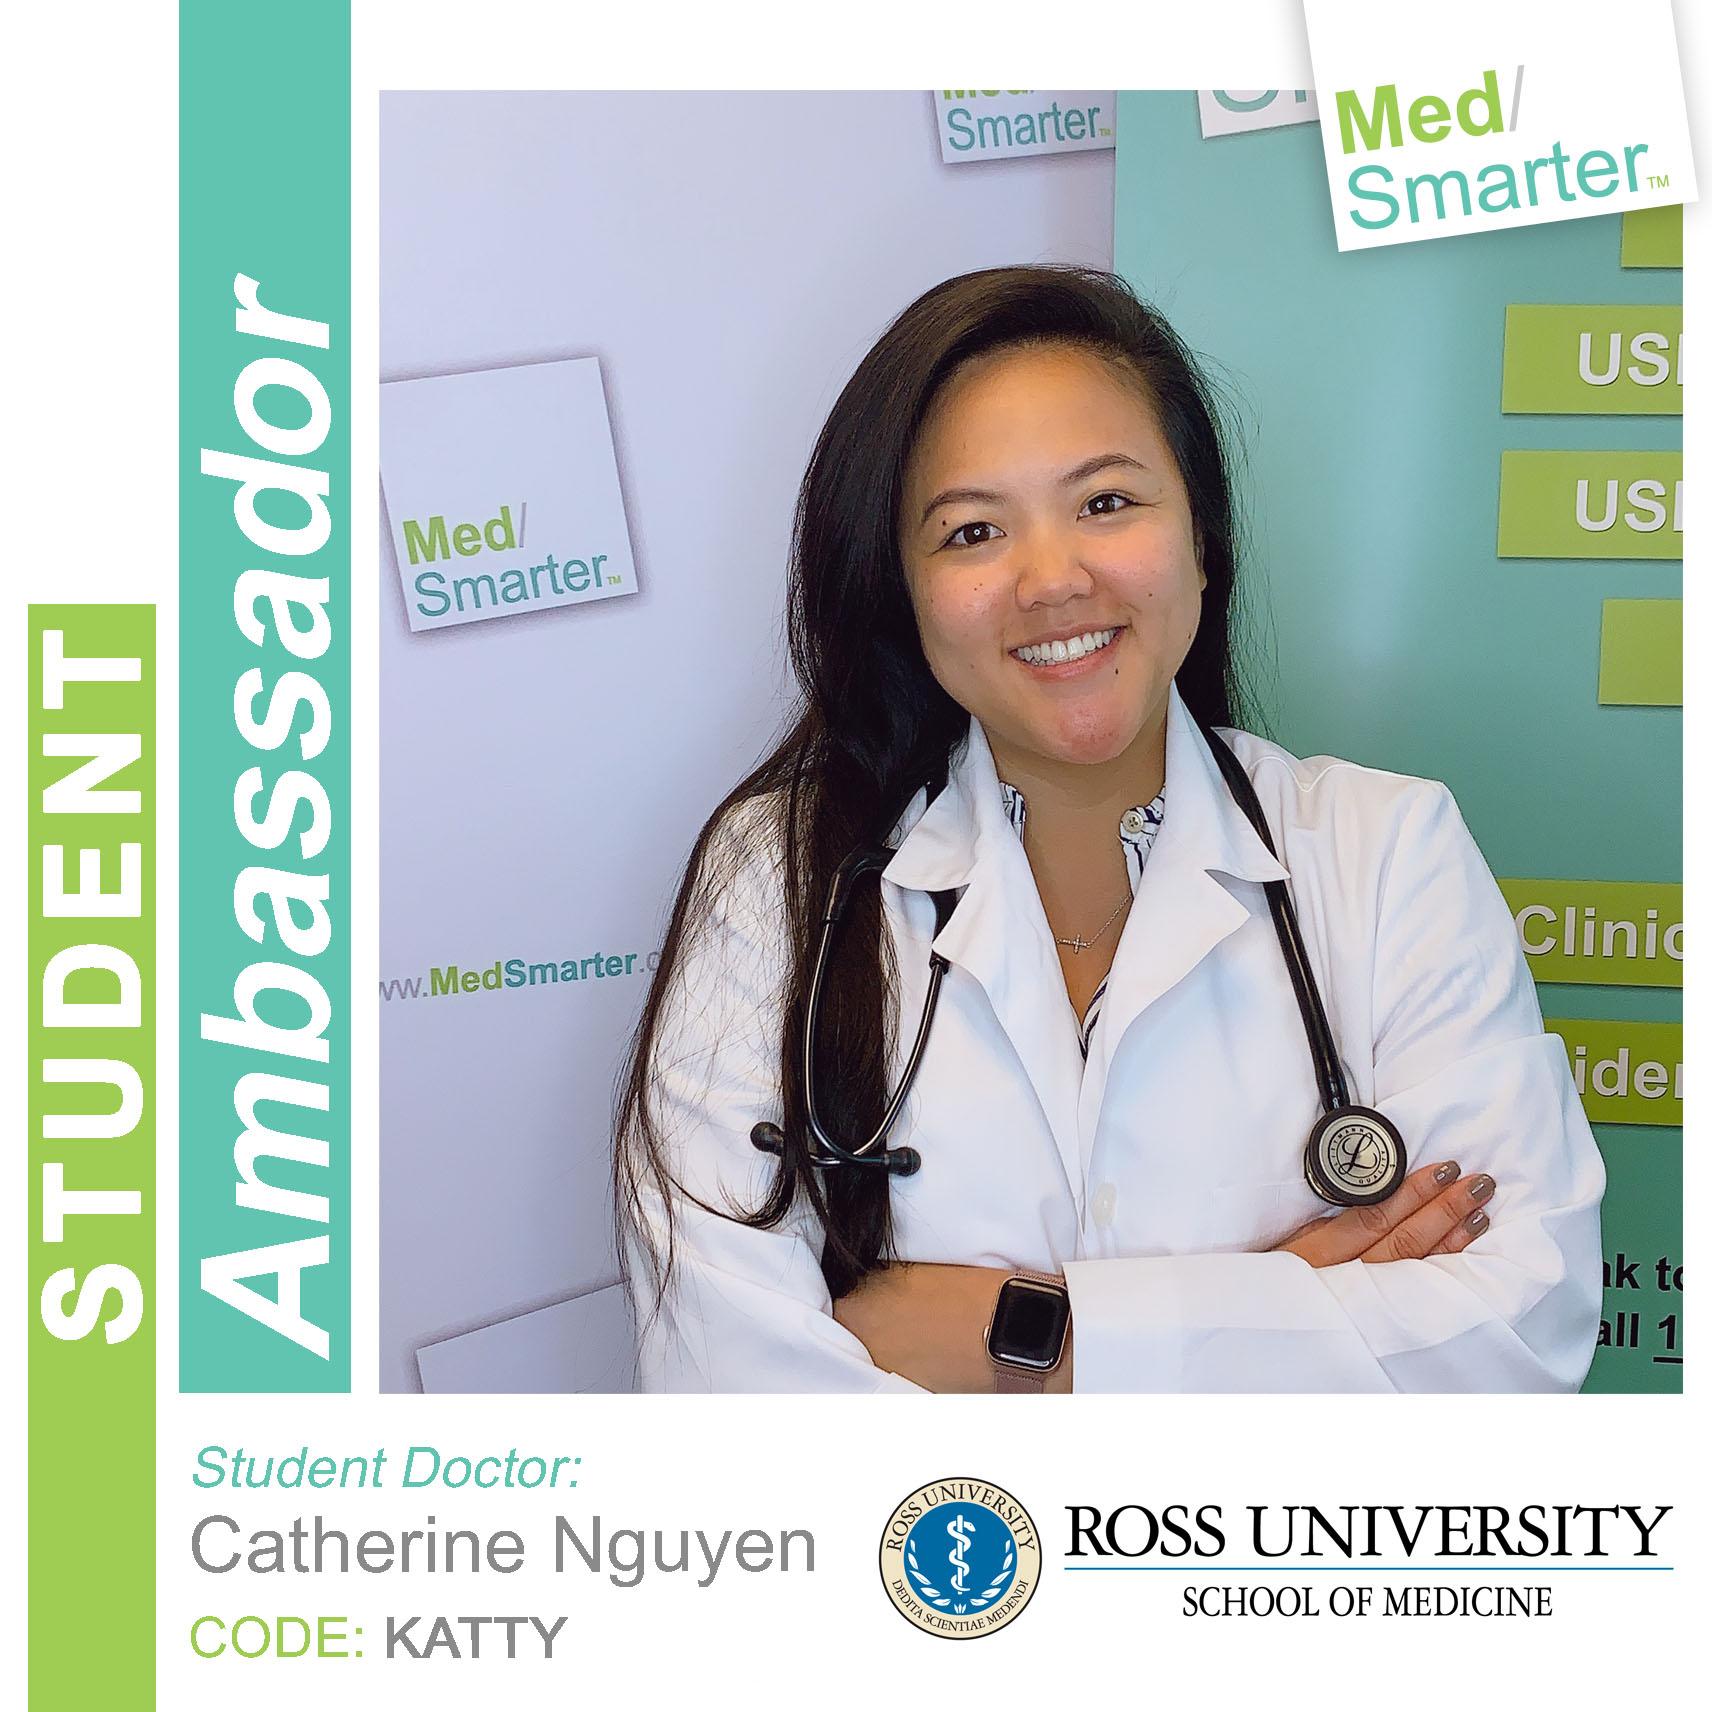 MedSmarter Student Ambassador Catherine Nguyen